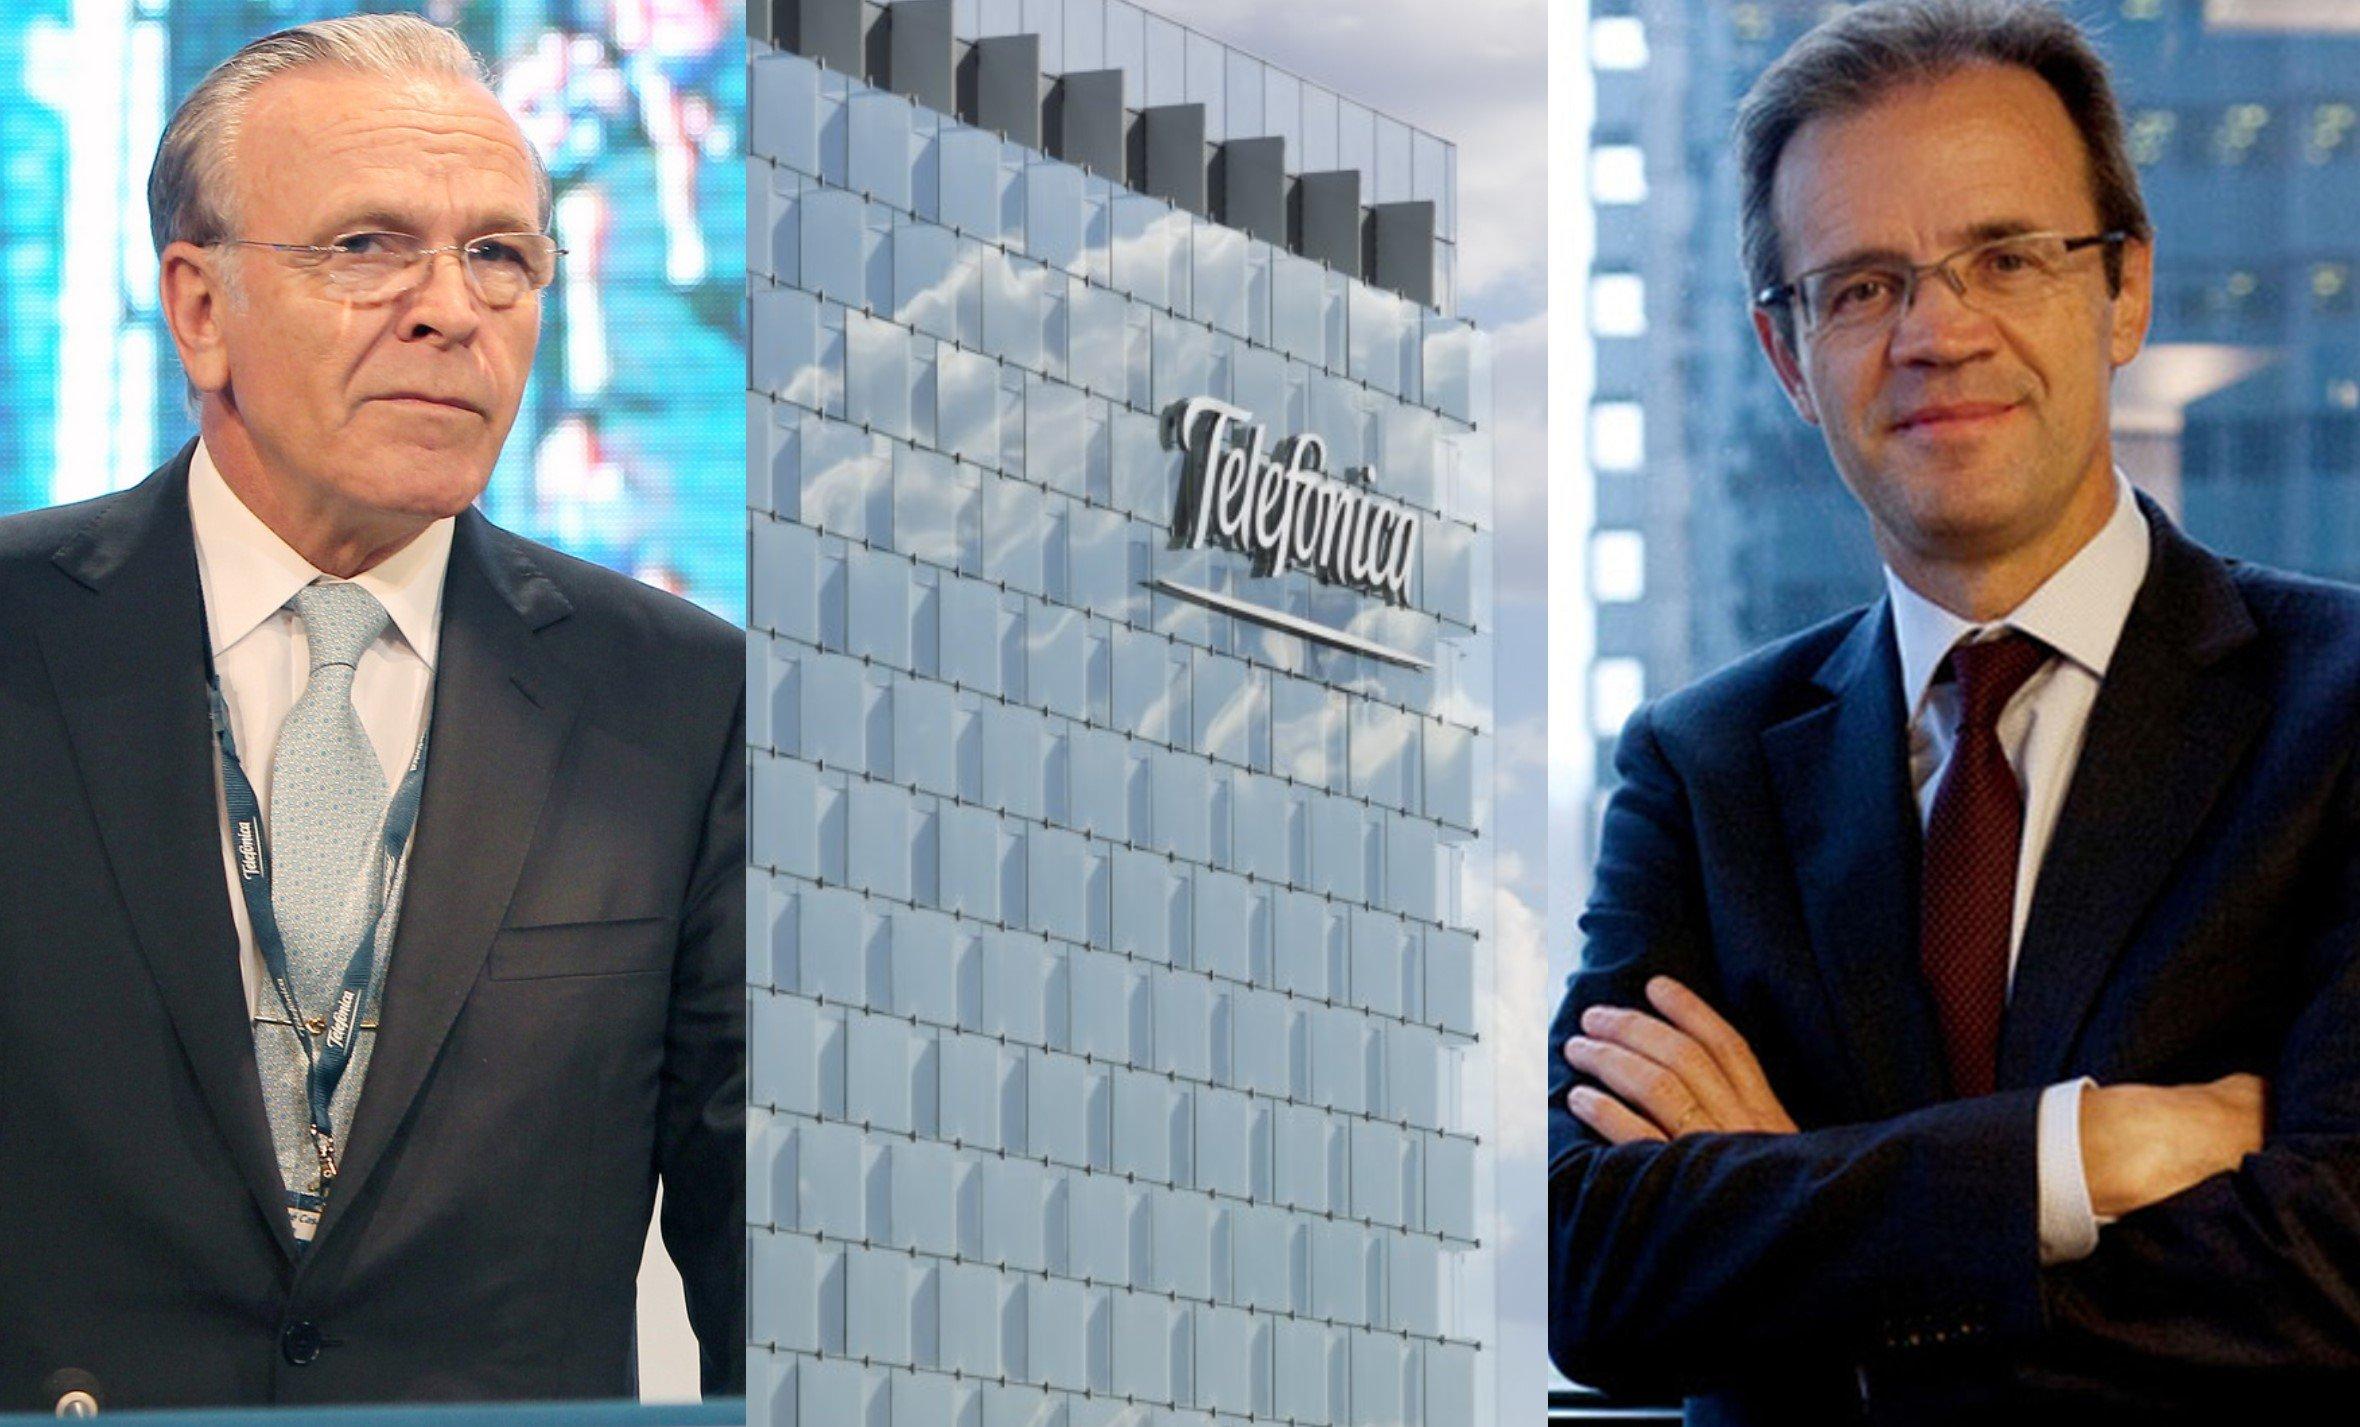 El paso de los representantes de Criteria, Isidro Fainé y Jordi Gual, en Telefónica aumentaría al ritmo del incremento de su participación